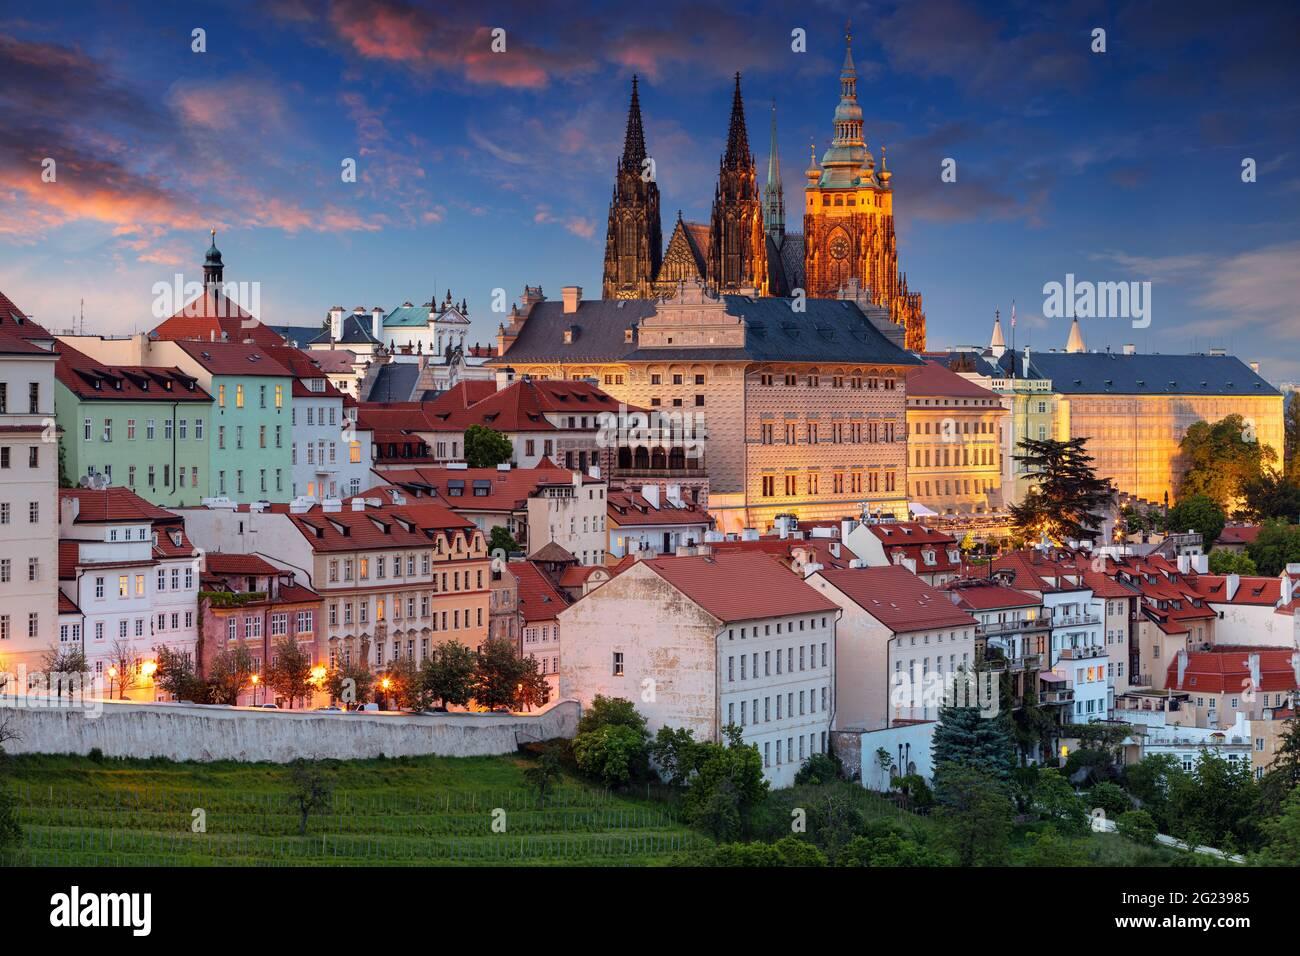 Praga. Imagen del paisaje urbano aéreo de Praga, capital de la República Checa con la Catedral de San Vito a la hora azul del crepúsculo. Foto de stock